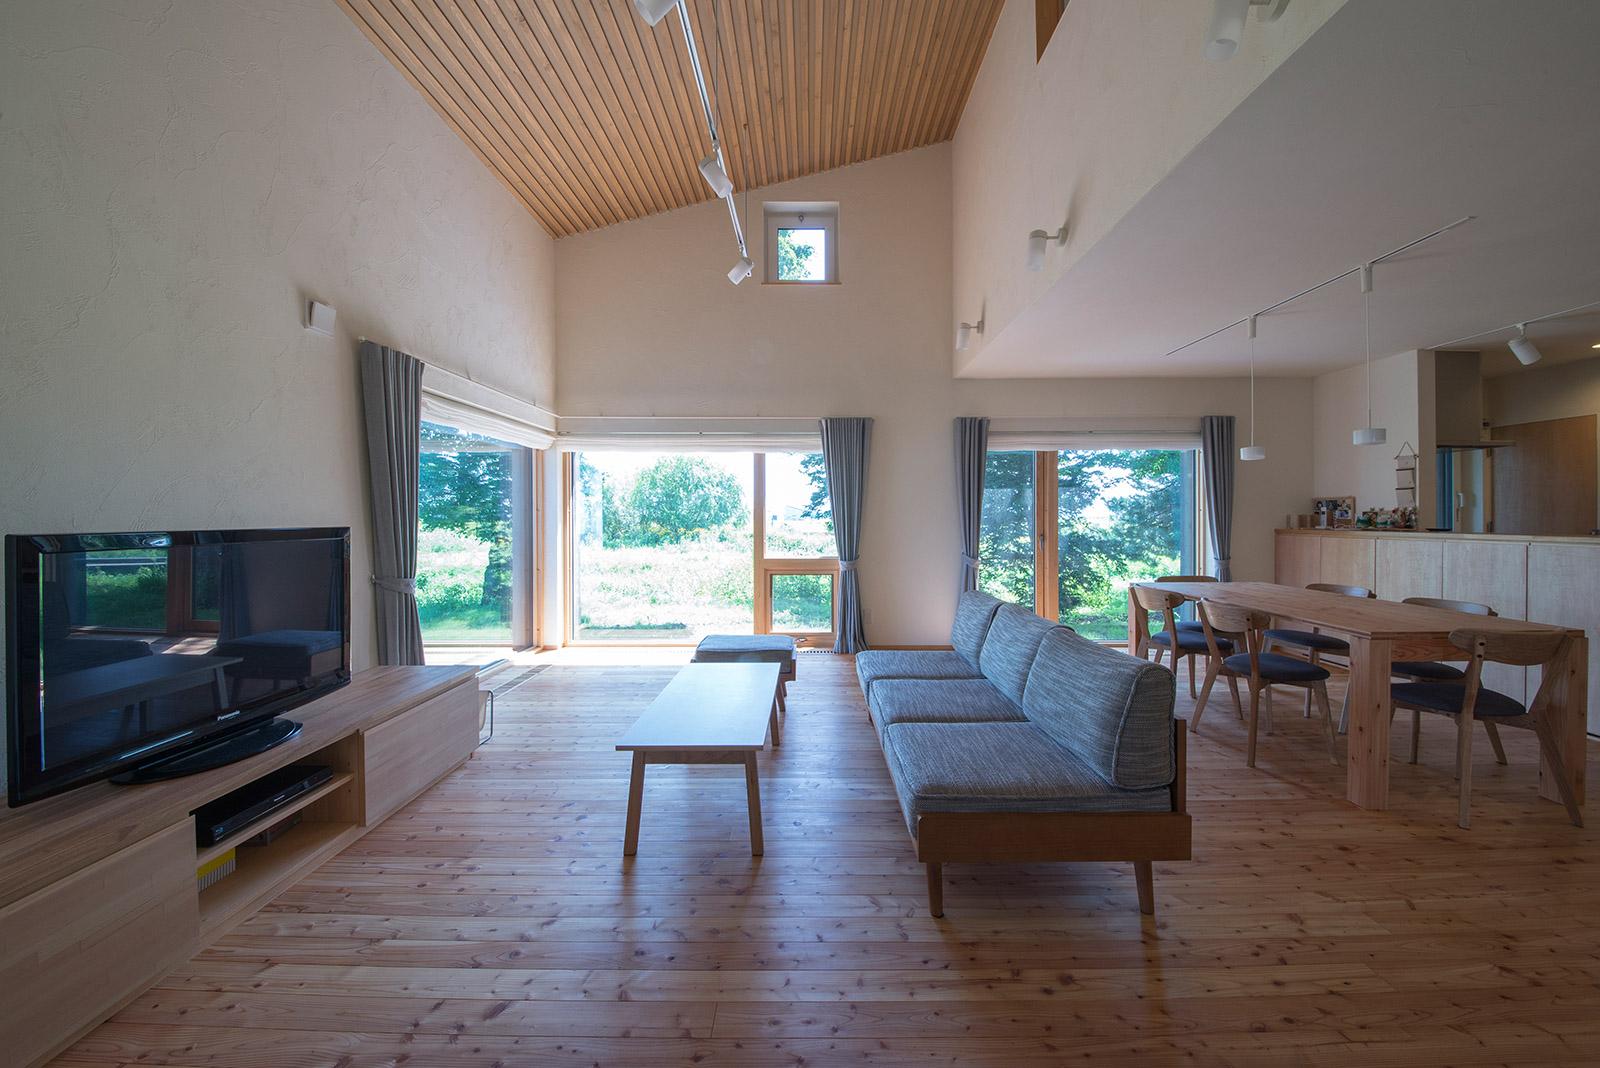 天井、壁、床に自然素材を使ったLDKは、家族みんなが集う空間。吹き抜けや外の風景を取り込む大きな窓のおかげで開放的